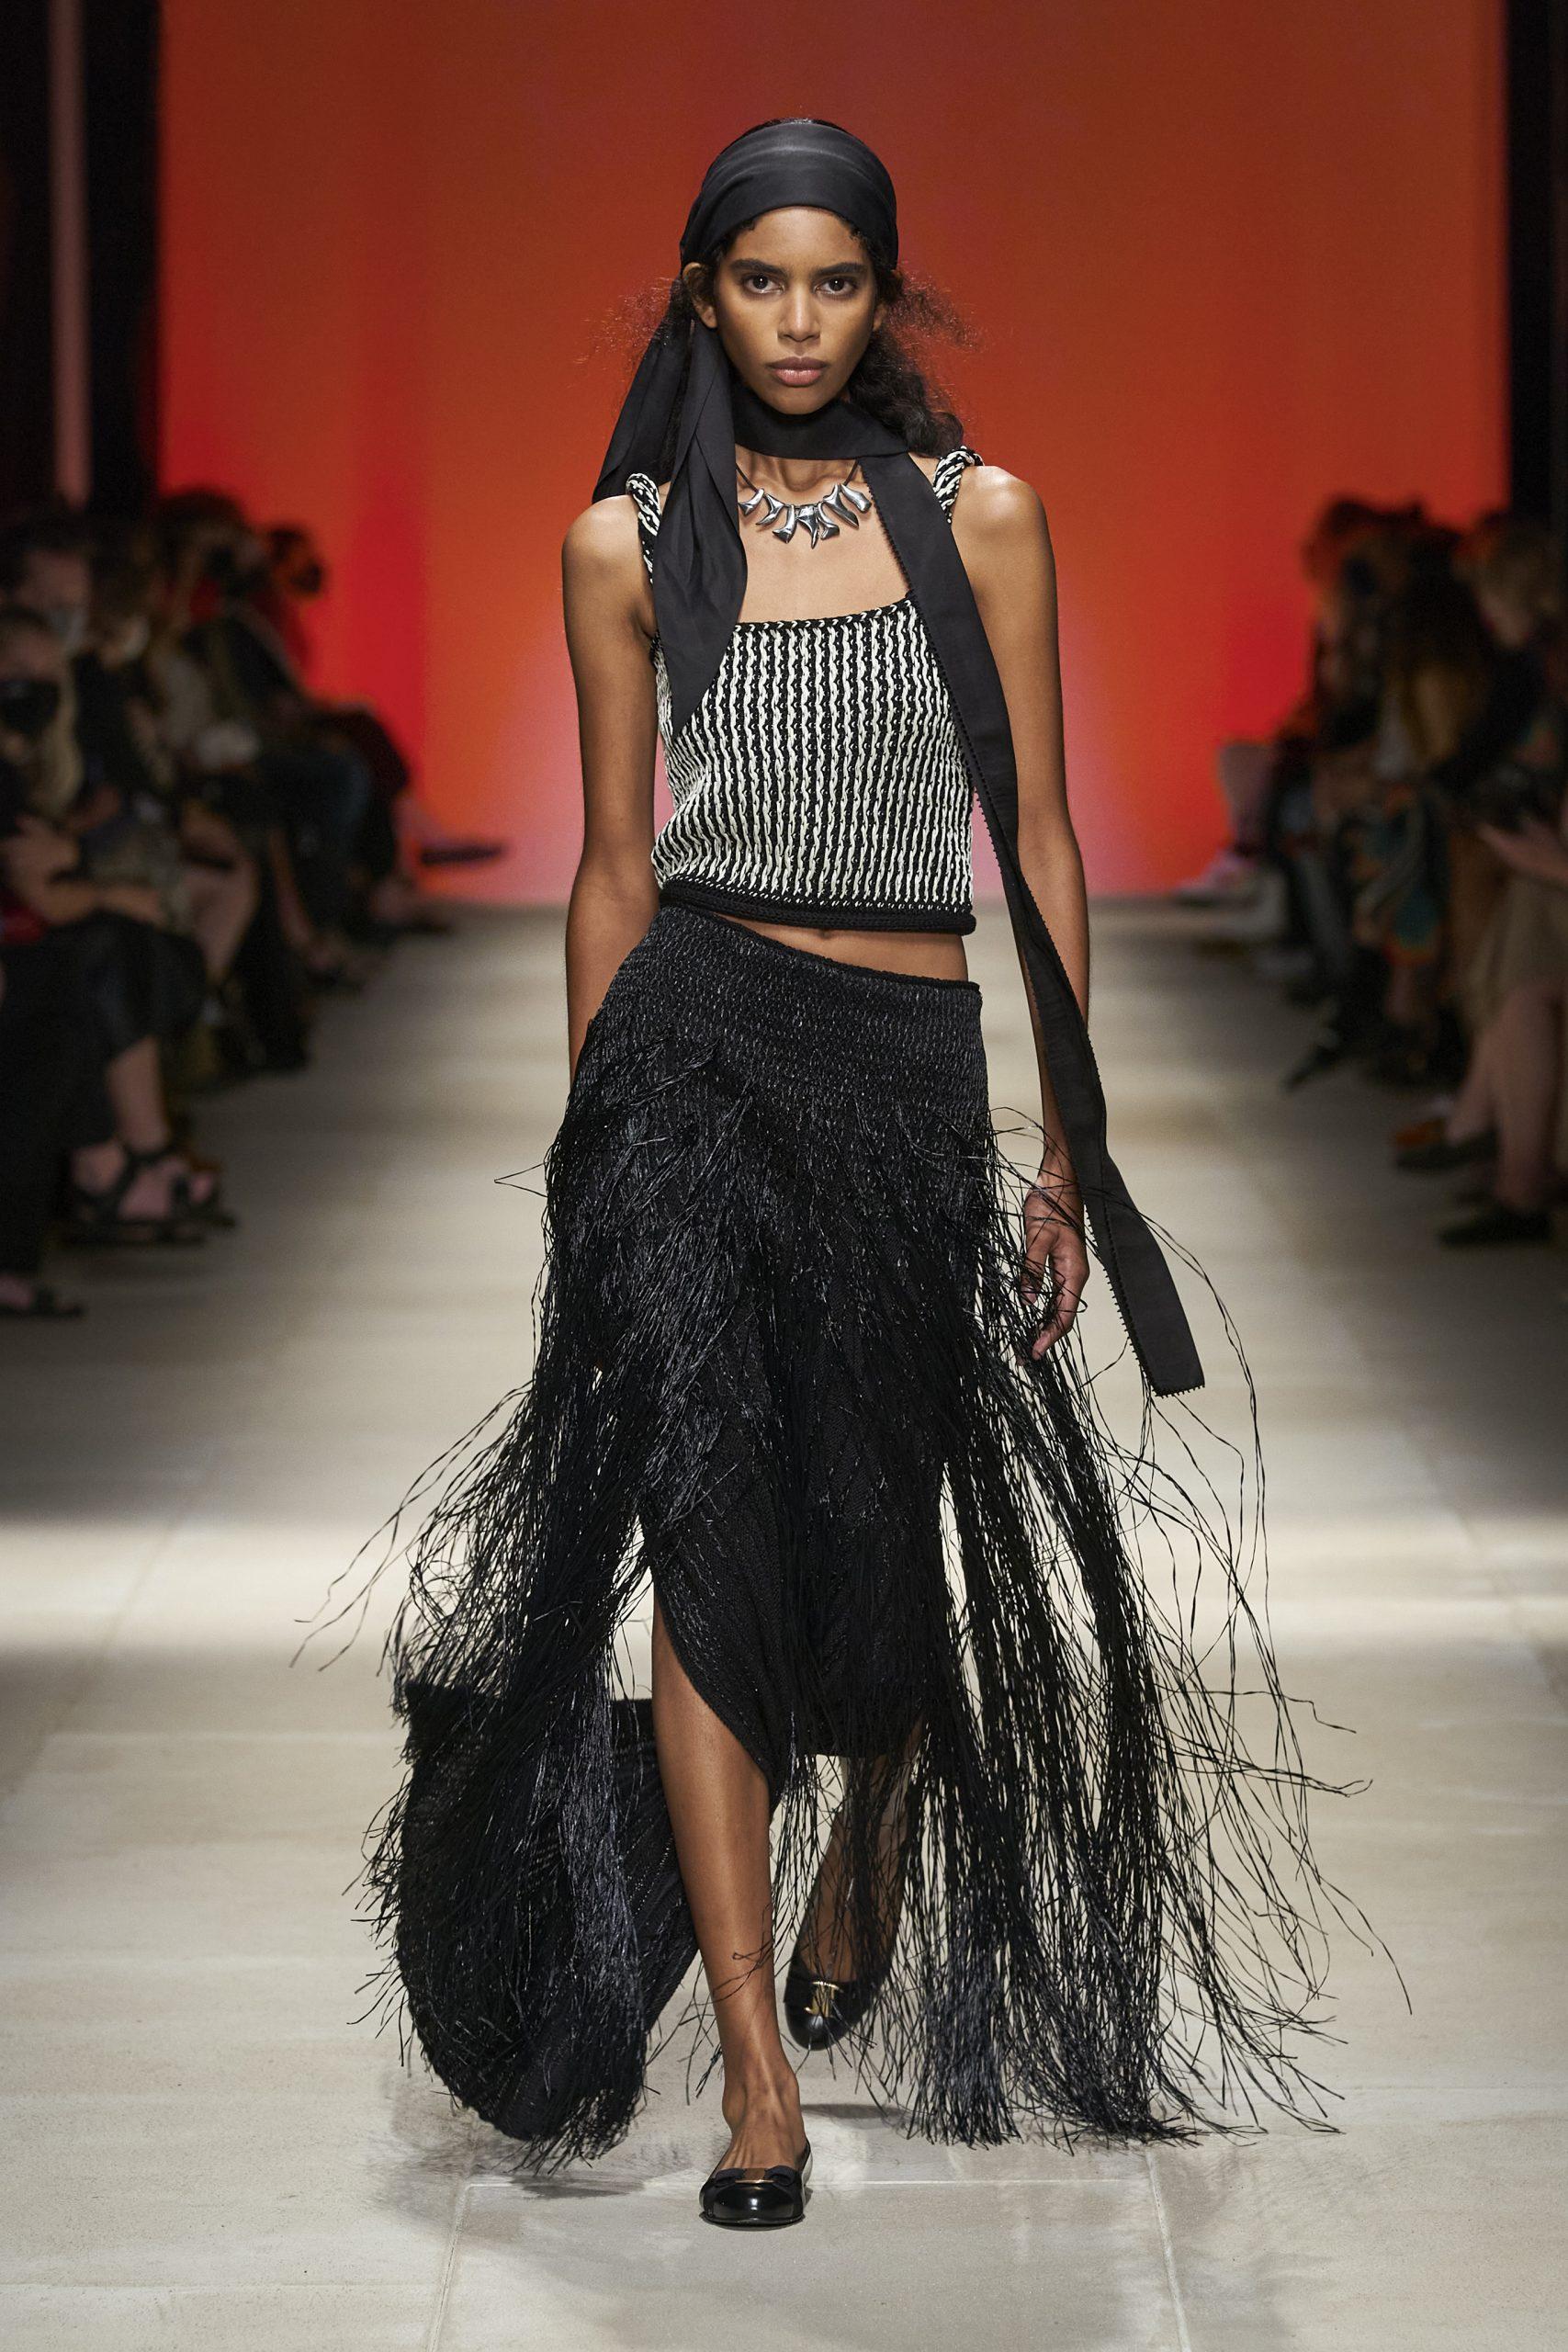 Salvatore Ferragamo Apresenta Sua Coleção SS22 Na Semana De Moda De Milão